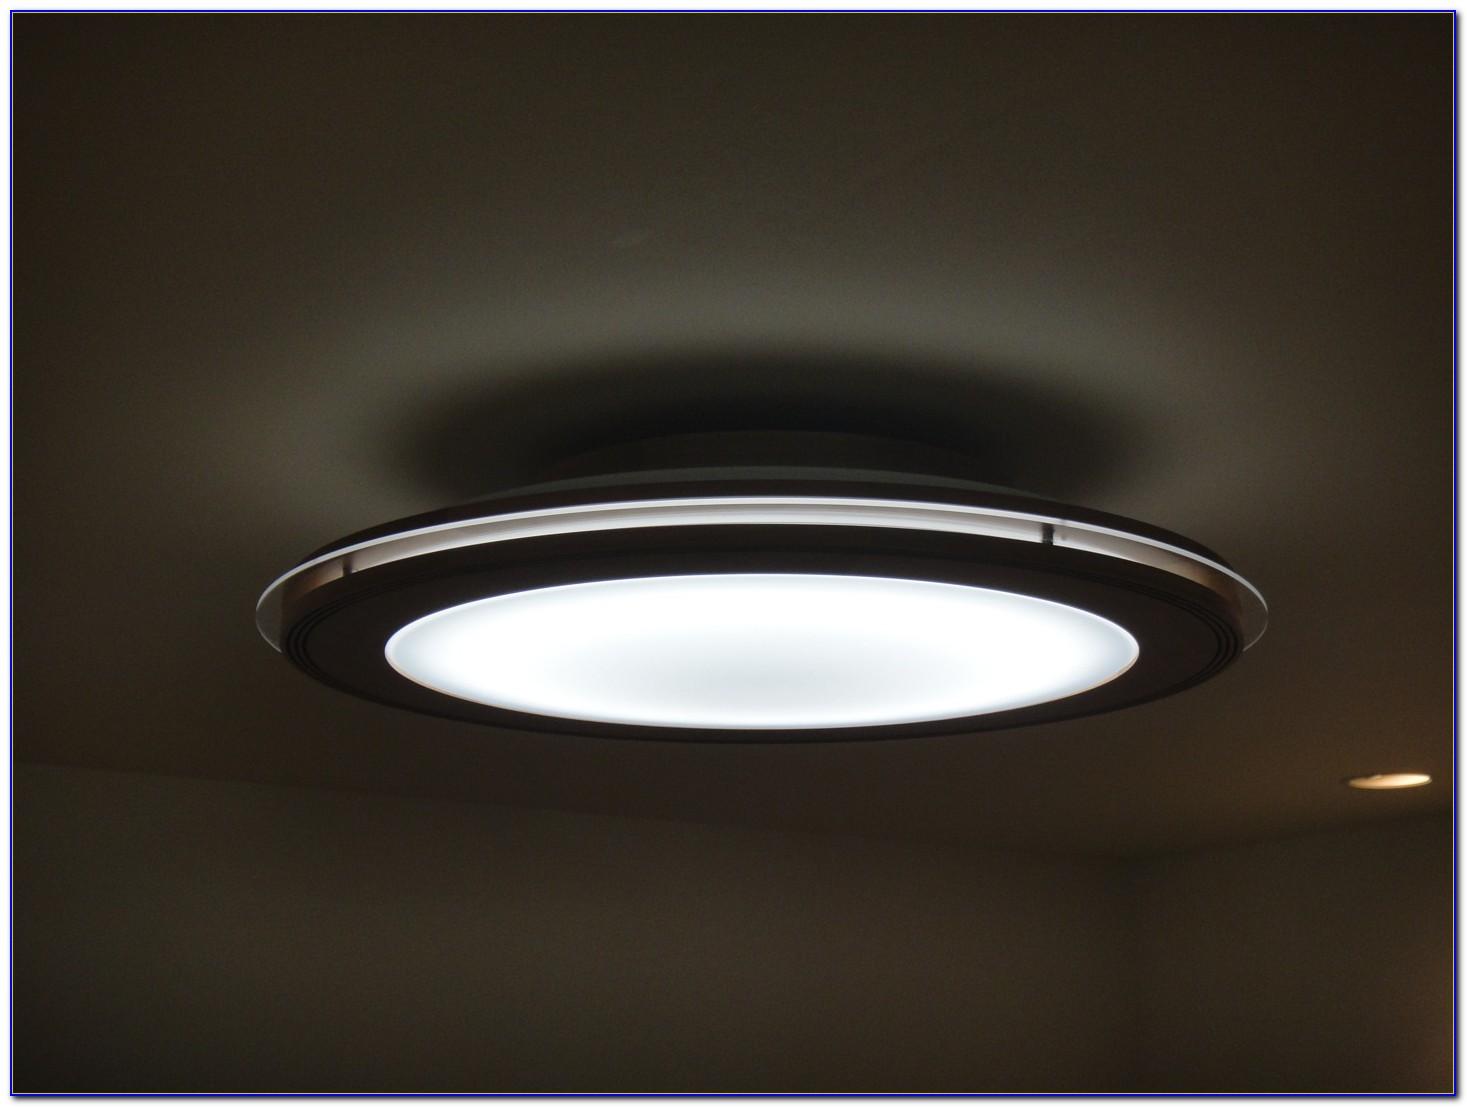 Led Lighting For Low Ceilings